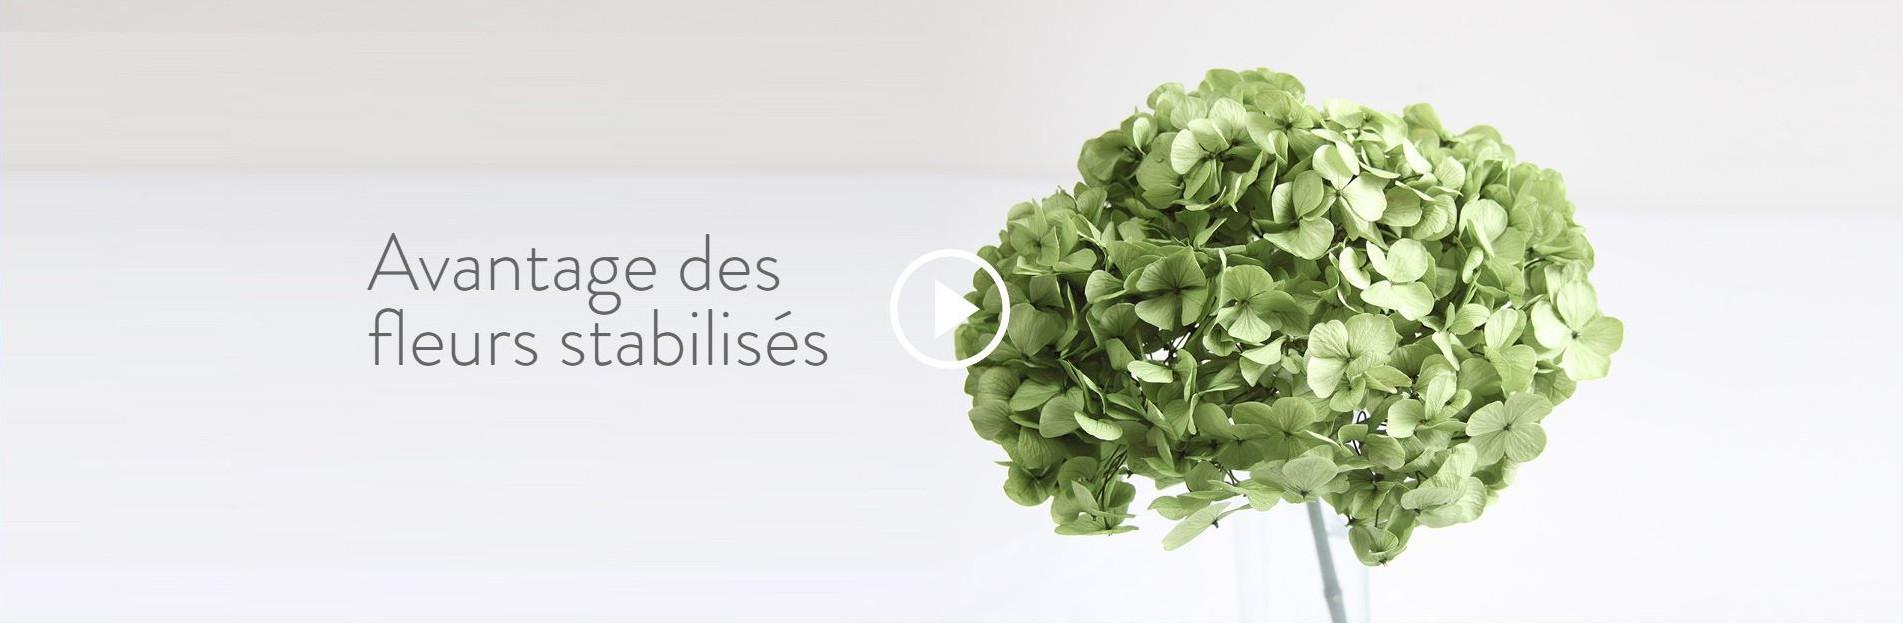 Avantage des fleurs stabilisés